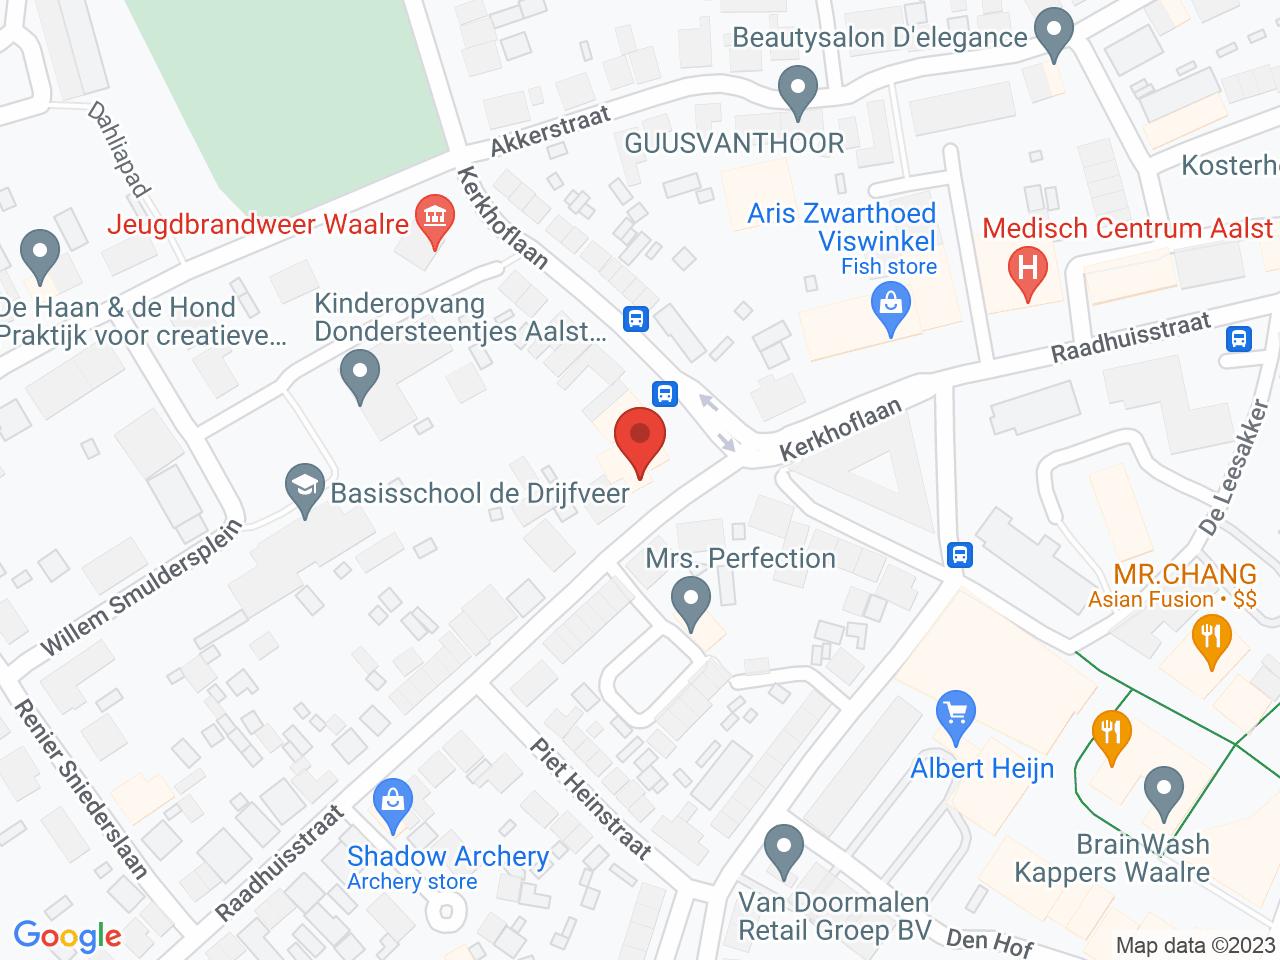 Raadhuisstraat op een kaart getoond.